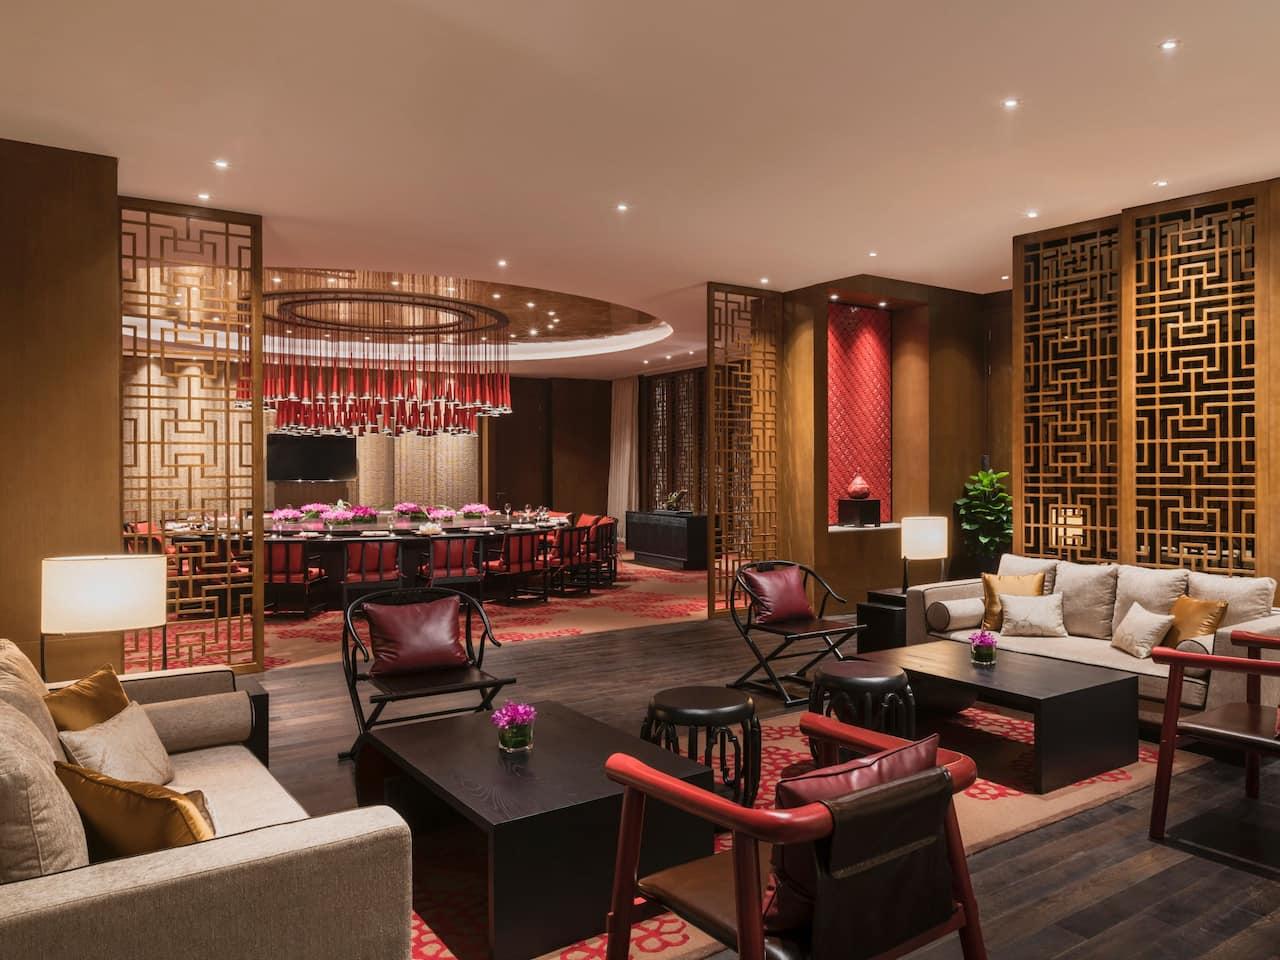 翔中餐厅私人餐厅